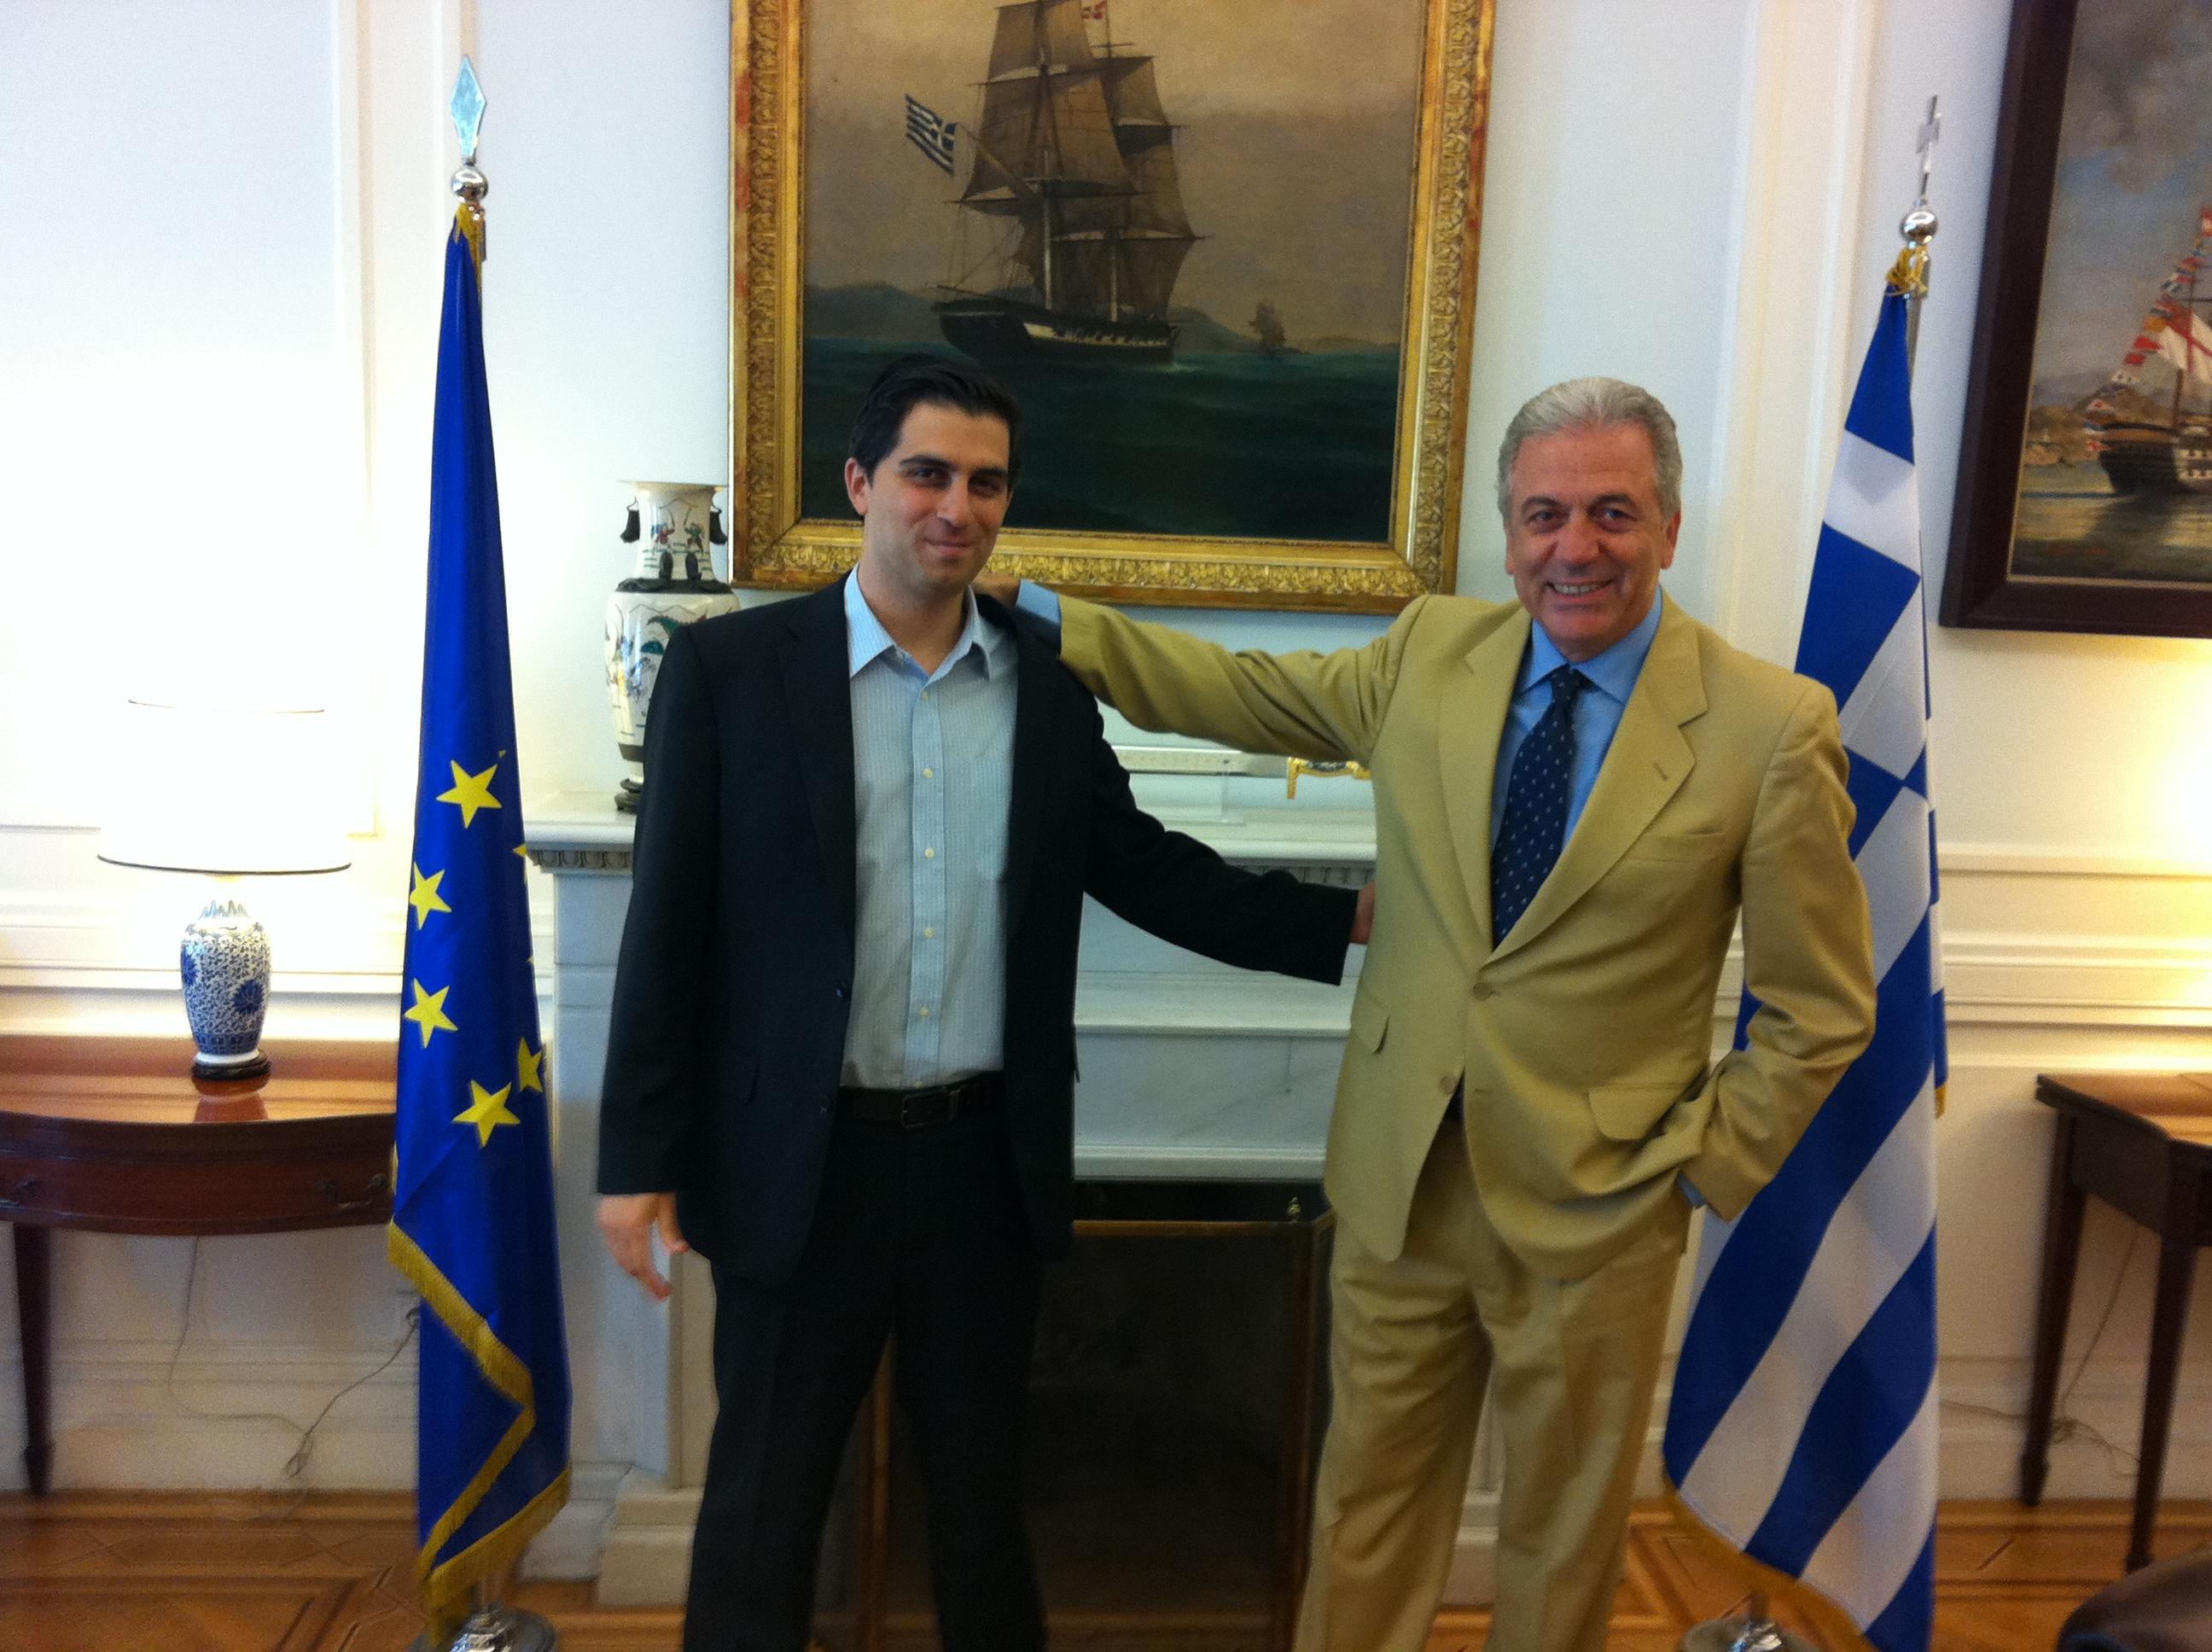 Συνάντηση Χρίστου Δήμα με τον ΥΠΕΞ κ. Δημήτρη Αβραμόπουλο